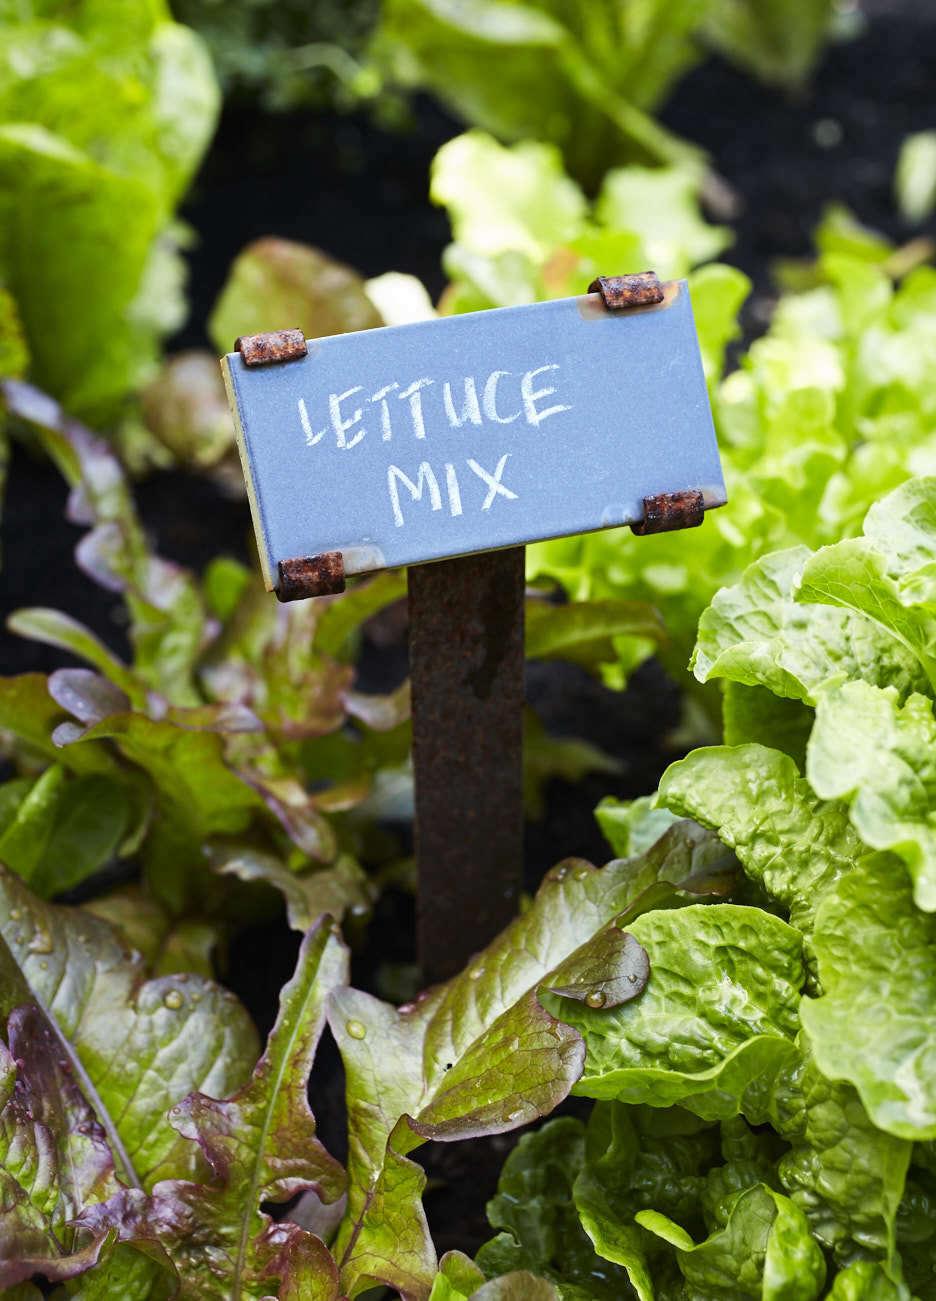 在花园里,花园花园里有一种不同的蔬菜,在这间菜单上,我们可以把这个世界的价格引入在另一个地方的一种陷阱。